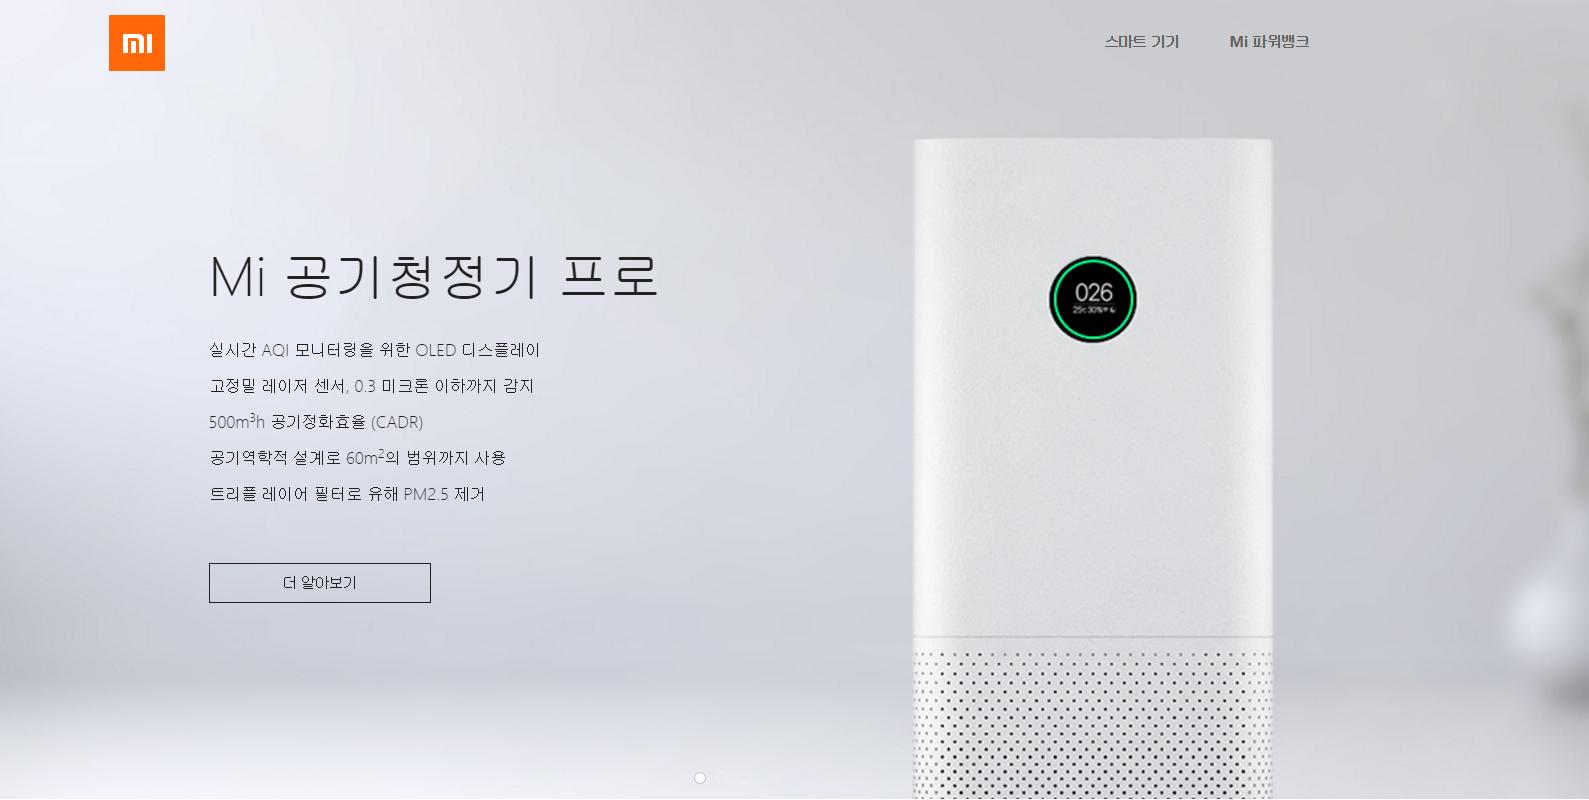 直捣三星LG老巢!小米韩语版官网上线:进军韩国市场